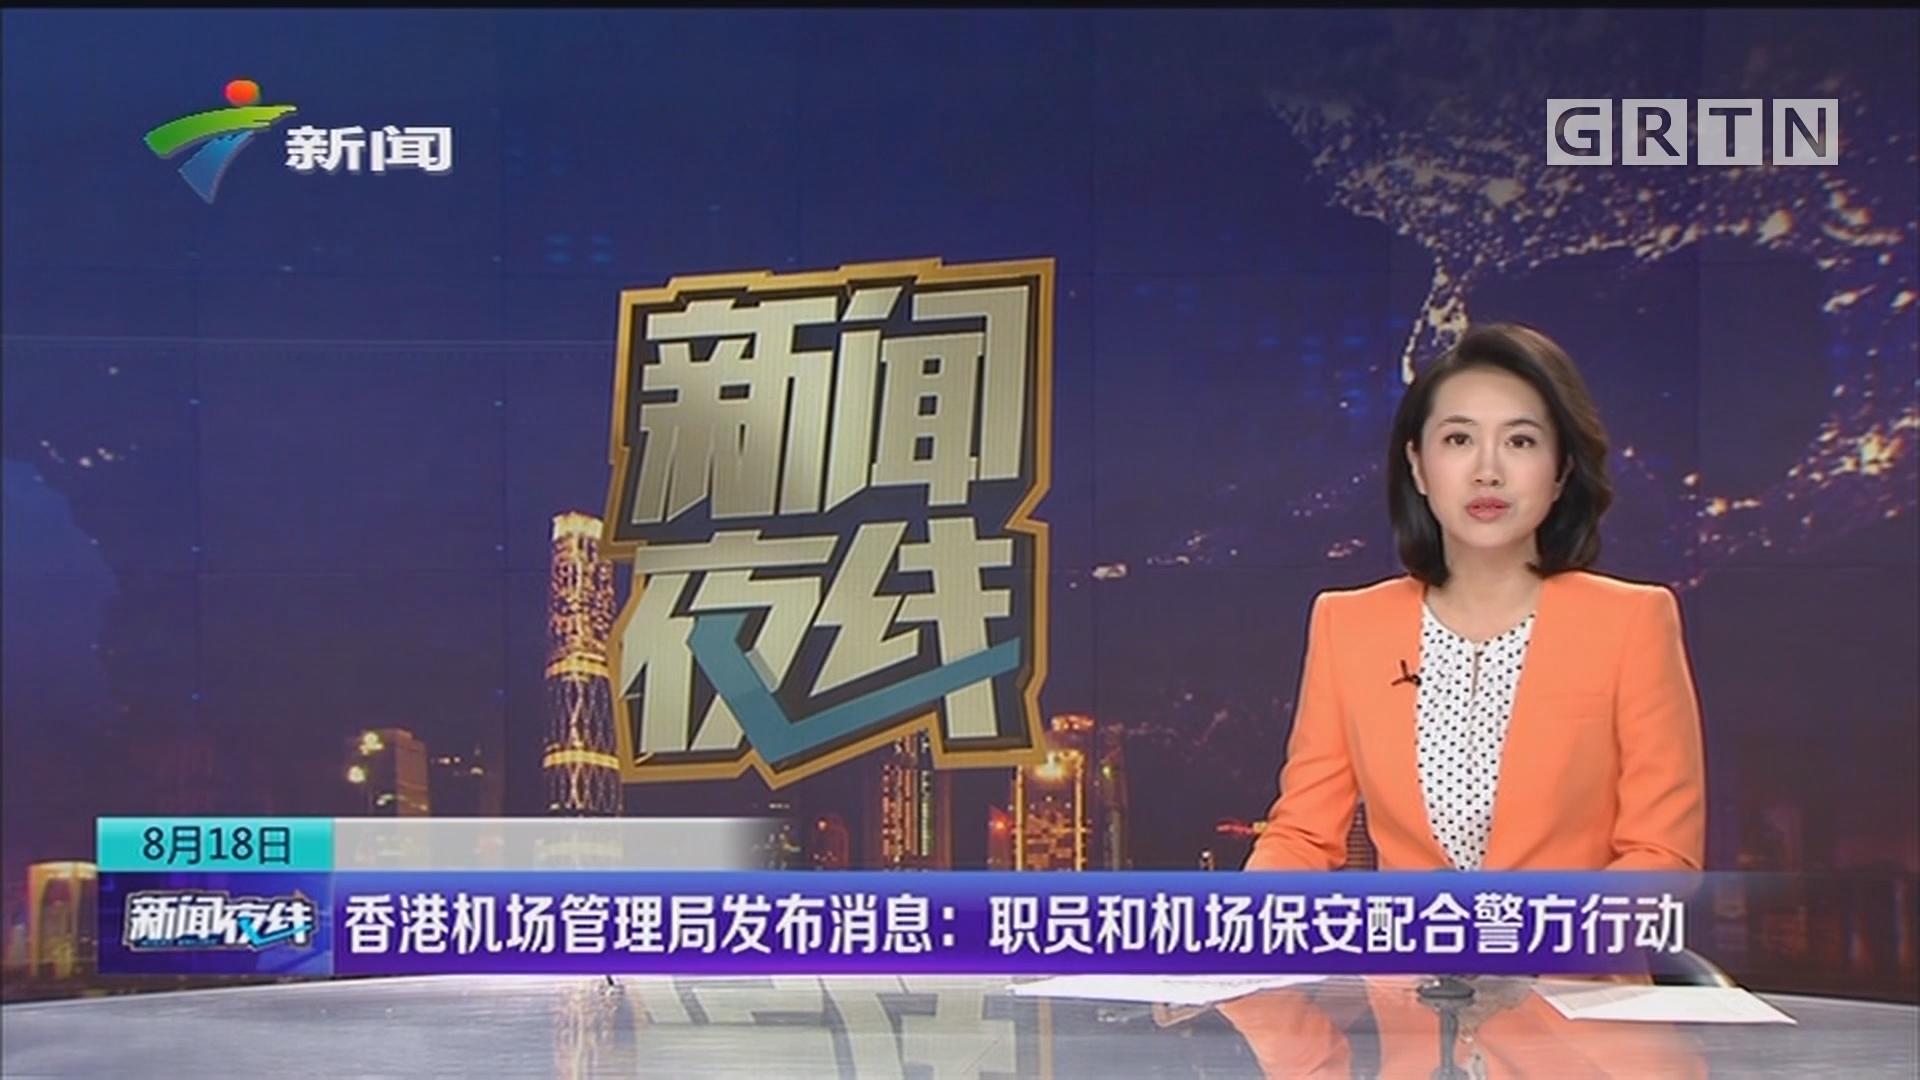 香港机场管理局发布消息:职员和机场保安配合警方行动